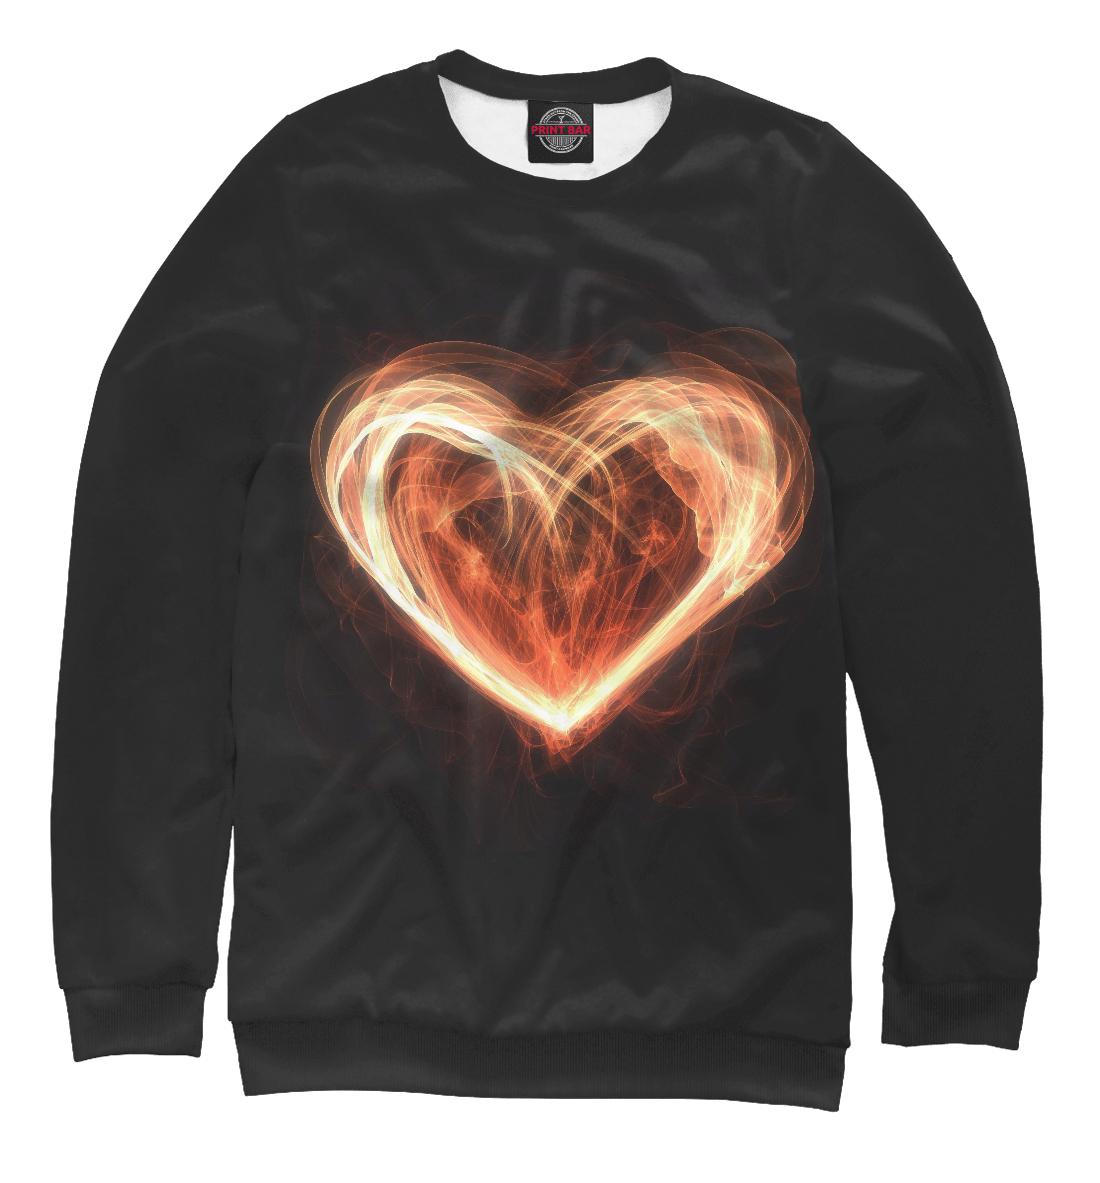 Купить Огненное сердце на чёрном фоне, Printbar, Свитшоты, SRD-494101-swi-1